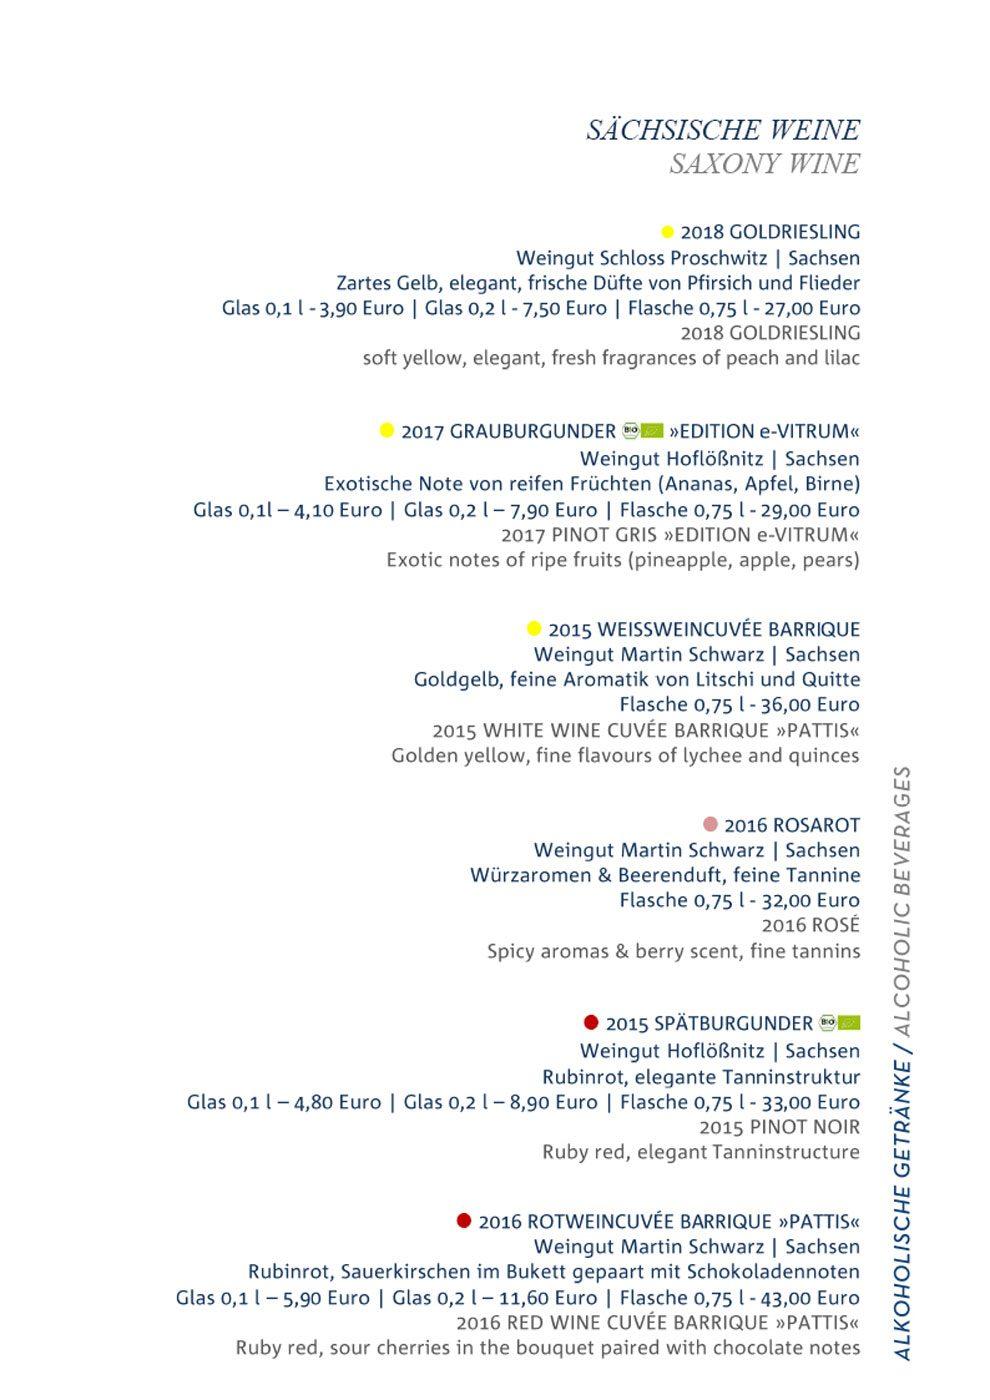 https://www.vitrum-dresden.de/wp-content/uploads/2019/06/e-VITRUM_Speisekarte_Sommer11-990x1400.jpg